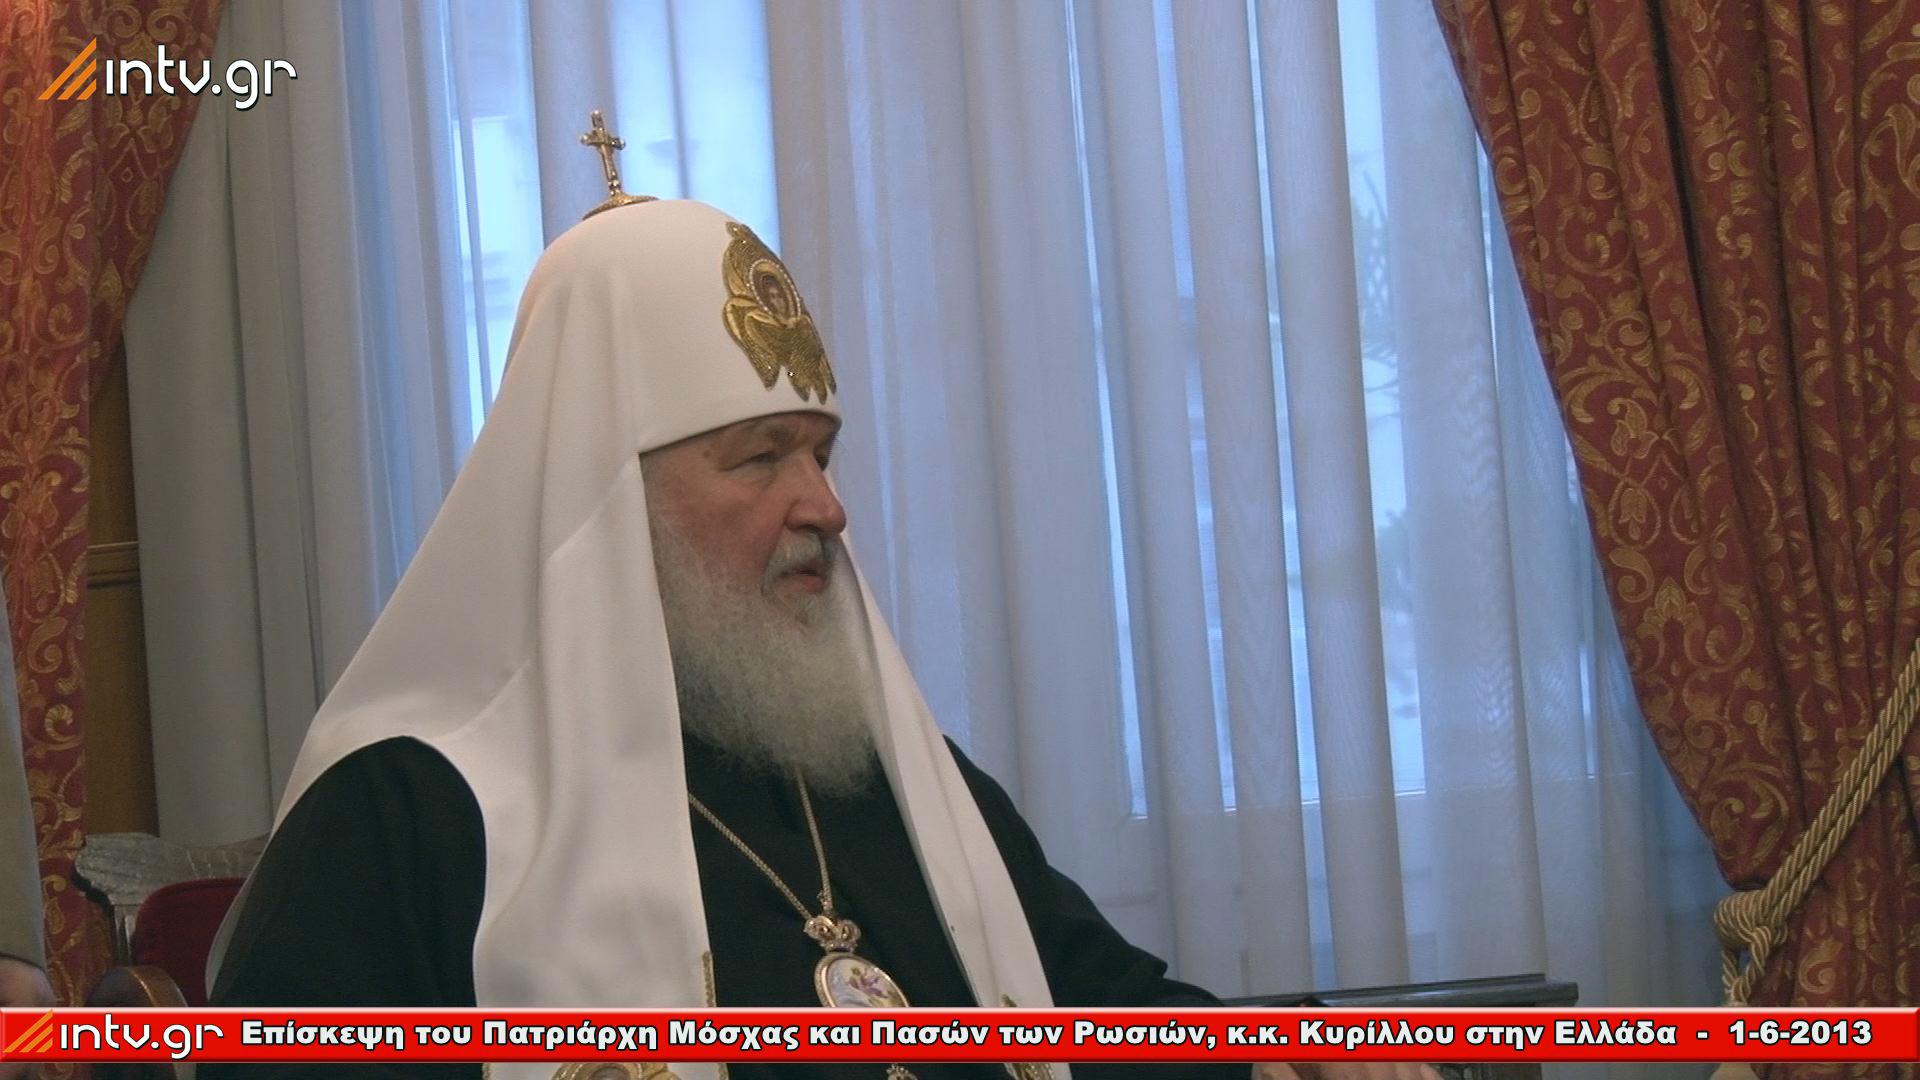 Επίσκεψη του Πατριάρχη Μόσχας και Πασών των Ρωσιών, κ.κ. Κυρίλλου στην Ελλάδα - 1η ημέρα